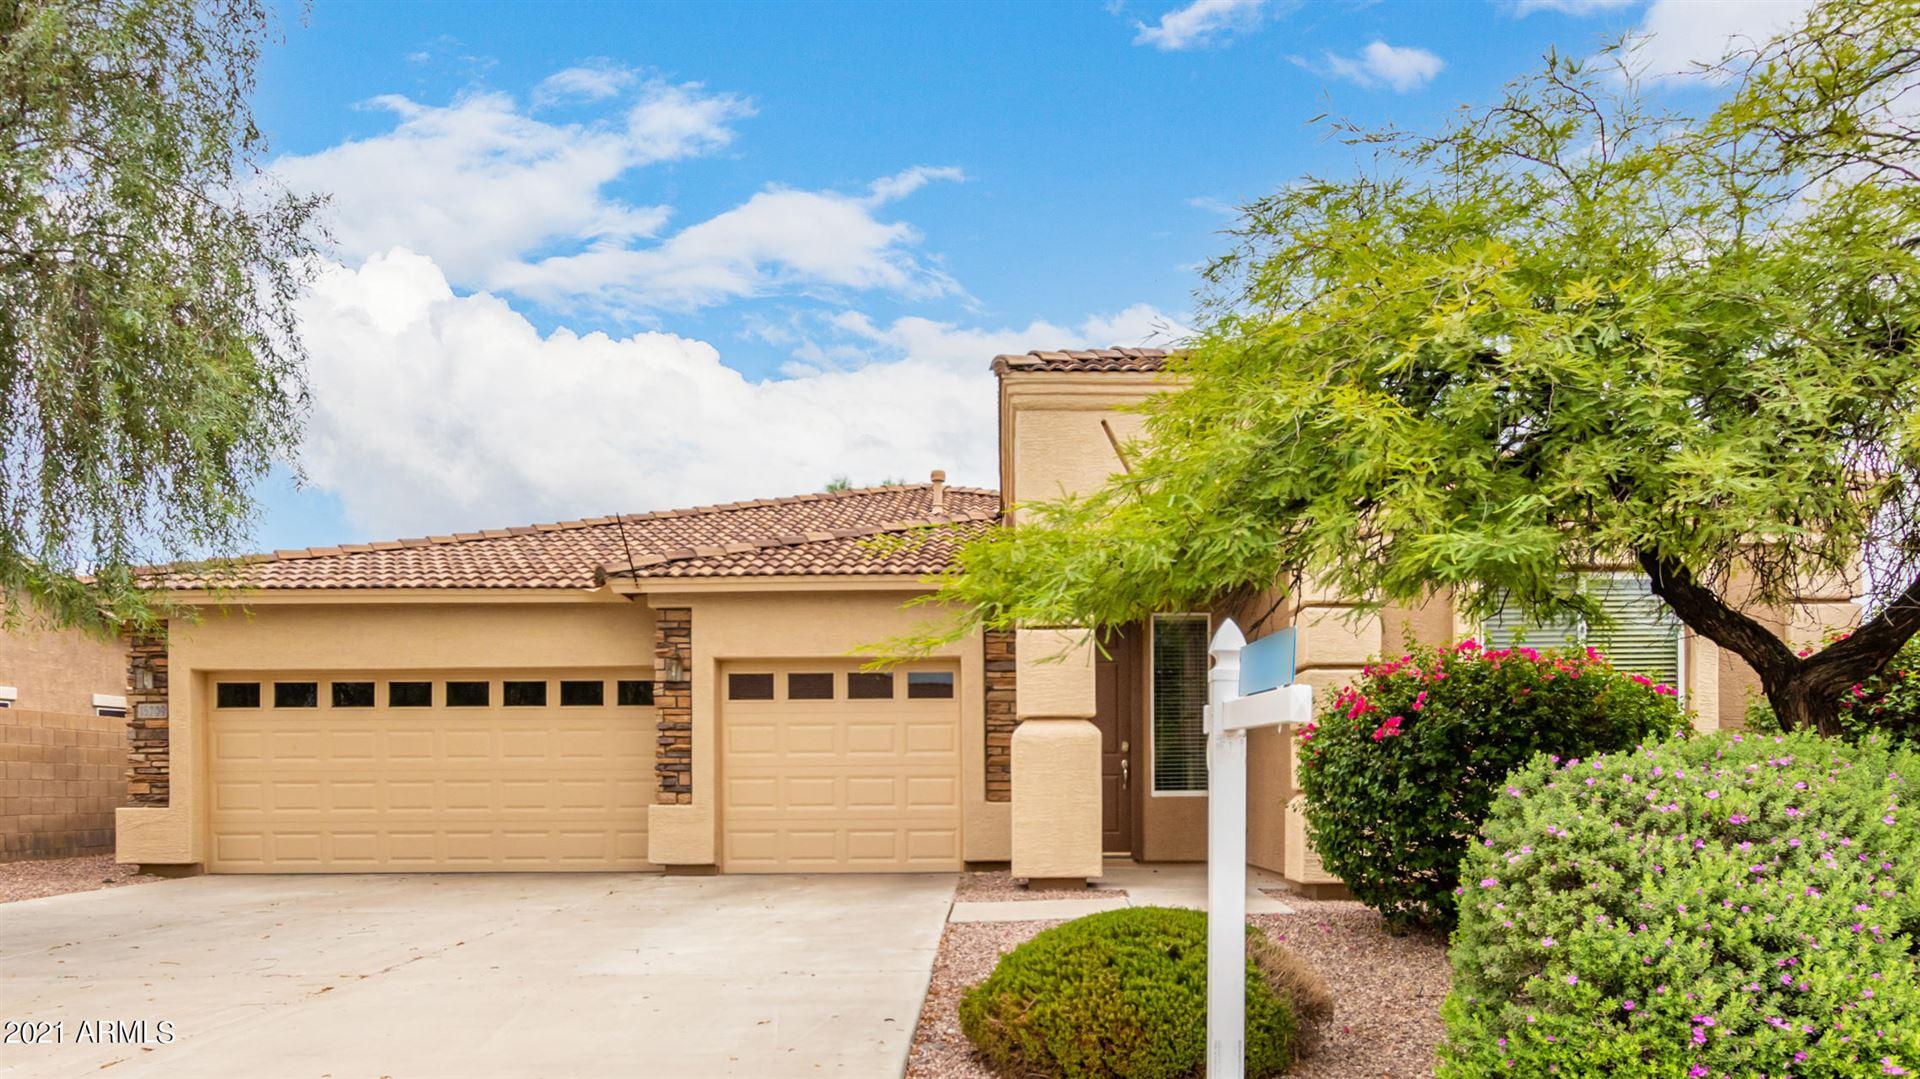 Photo of 15209 N 185TH Avenue, Surprise, AZ 85388 (MLS # 6271216)